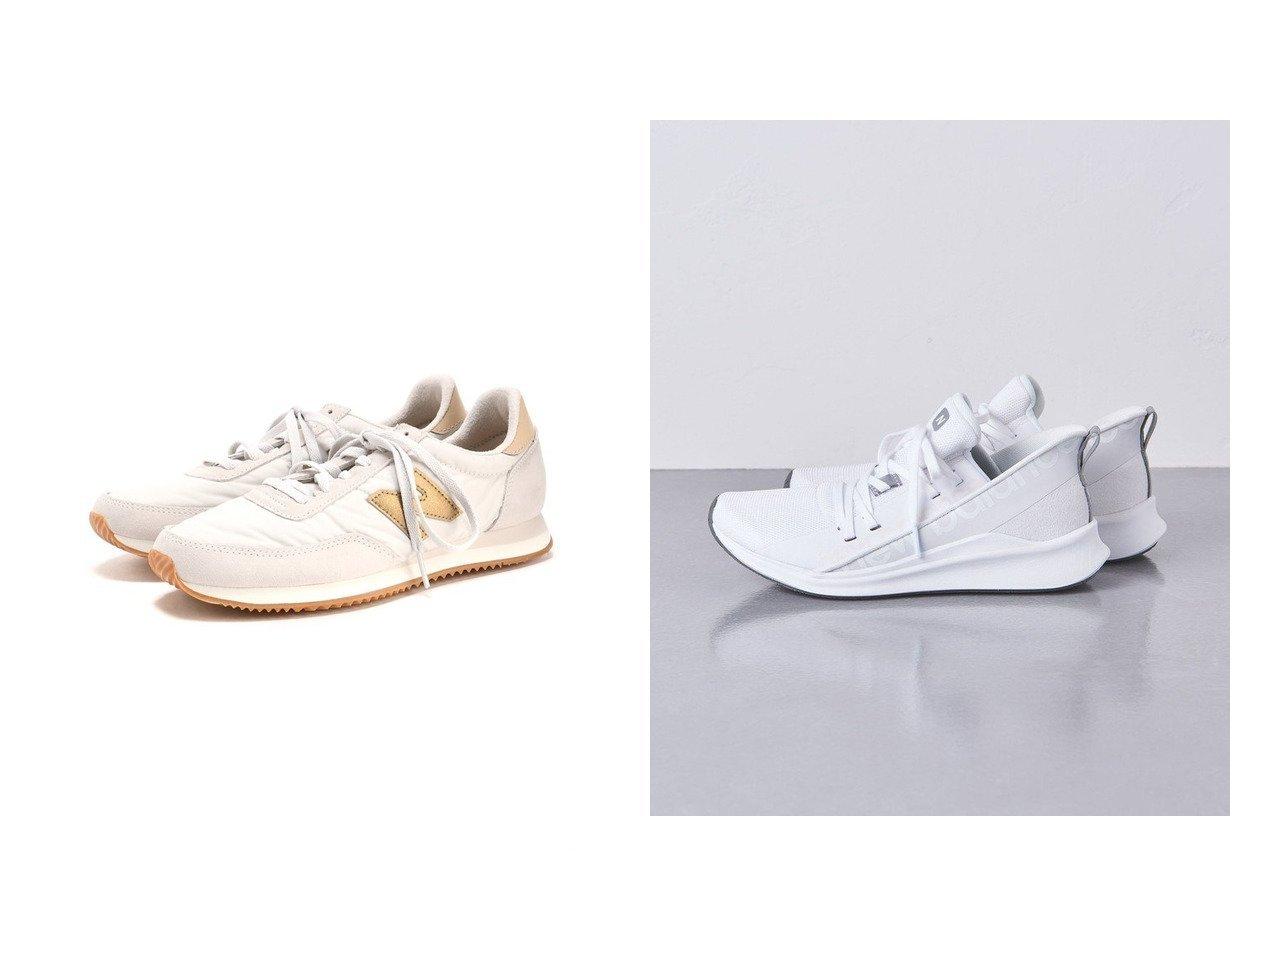 【UNITED ARROWS/ユナイテッドアローズ】の別注POWHER スニーカー†&【new balance/ニューバランス】のNB UL720 【シューズ・靴】おすすめ!人気、トレンド・レディースファッションの通販   おすすめで人気の流行・トレンド、ファッションの通販商品 インテリア・家具・メンズファッション・キッズファッション・レディースファッション・服の通販 founy(ファニー) https://founy.com/ ファッション Fashion レディースファッション WOMEN シューズ スエード スニーカー スリッポン スリム バランス ランニング NEW・新作・新着・新入荷 New Arrivals フィット ボストン 別注 レース 2021年 2021 再入荷 Restock/Back in Stock/Re Arrival S/S・春夏 SS・Spring/Summer 2021春夏・S/S SS/Spring/Summer/2021 |ID:crp329100000050463